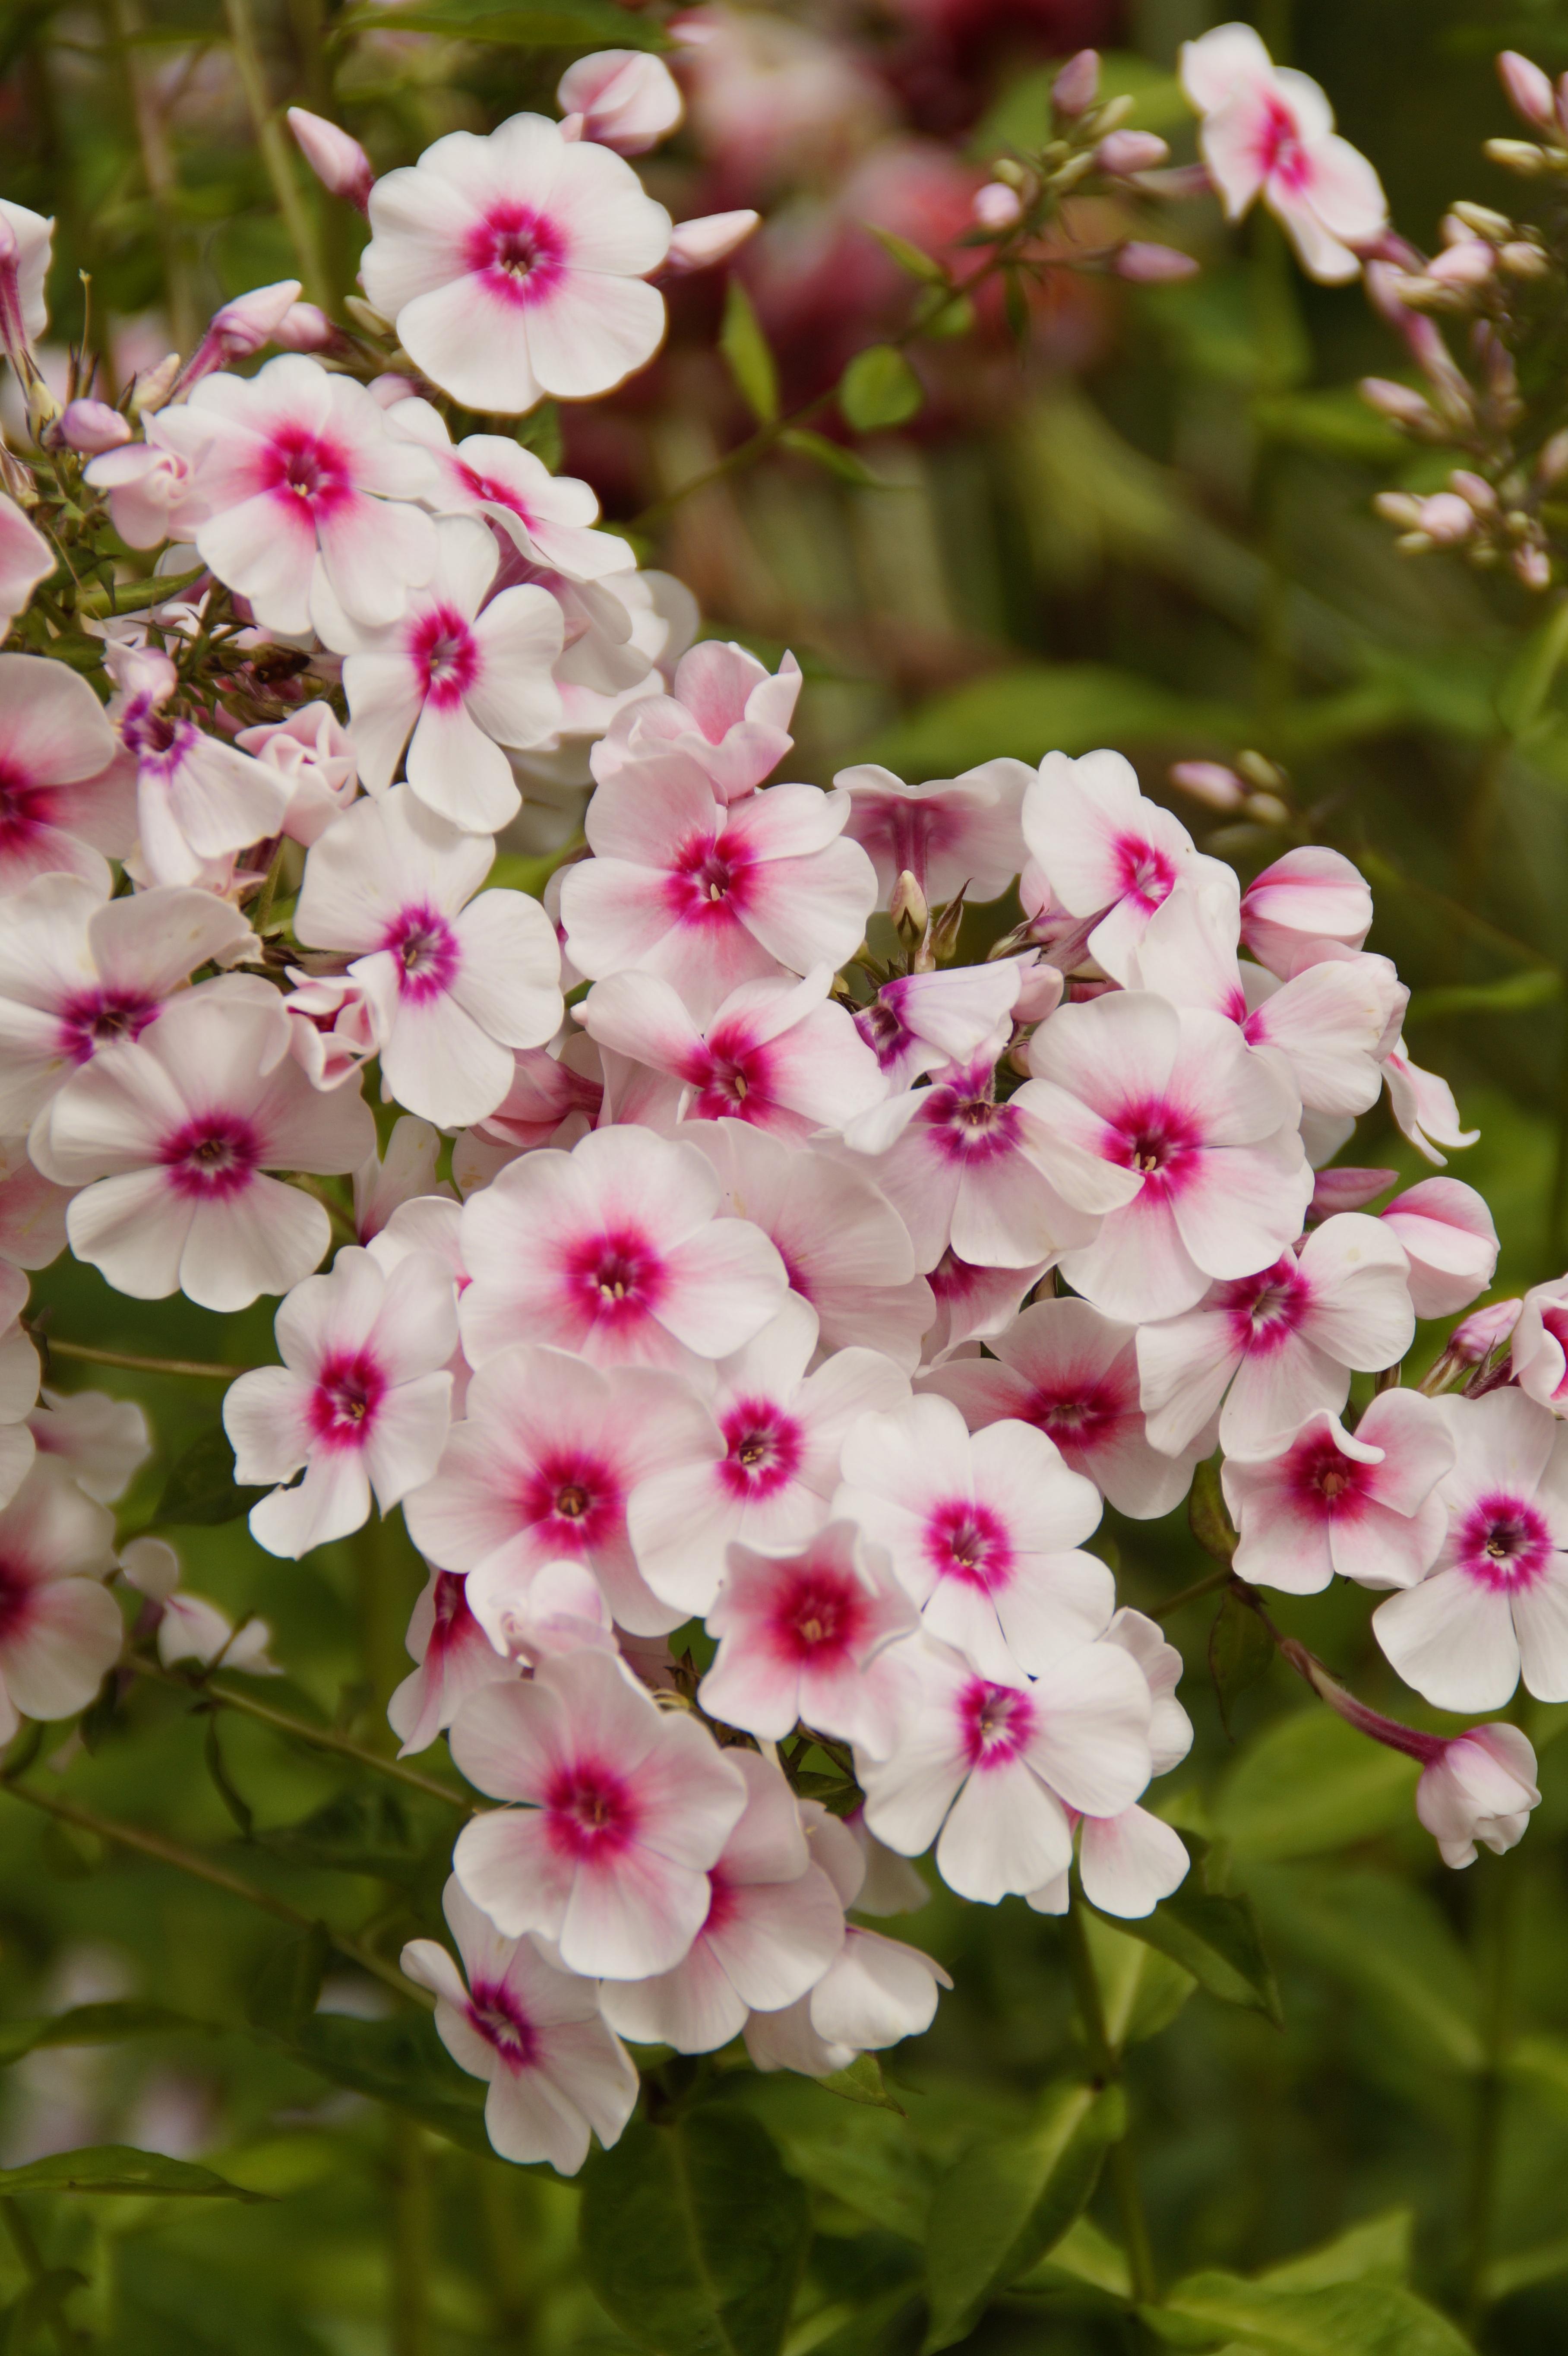 images gratuites p tale herbe botanique color rose flore fleur sauvage farbenpracht. Black Bedroom Furniture Sets. Home Design Ideas